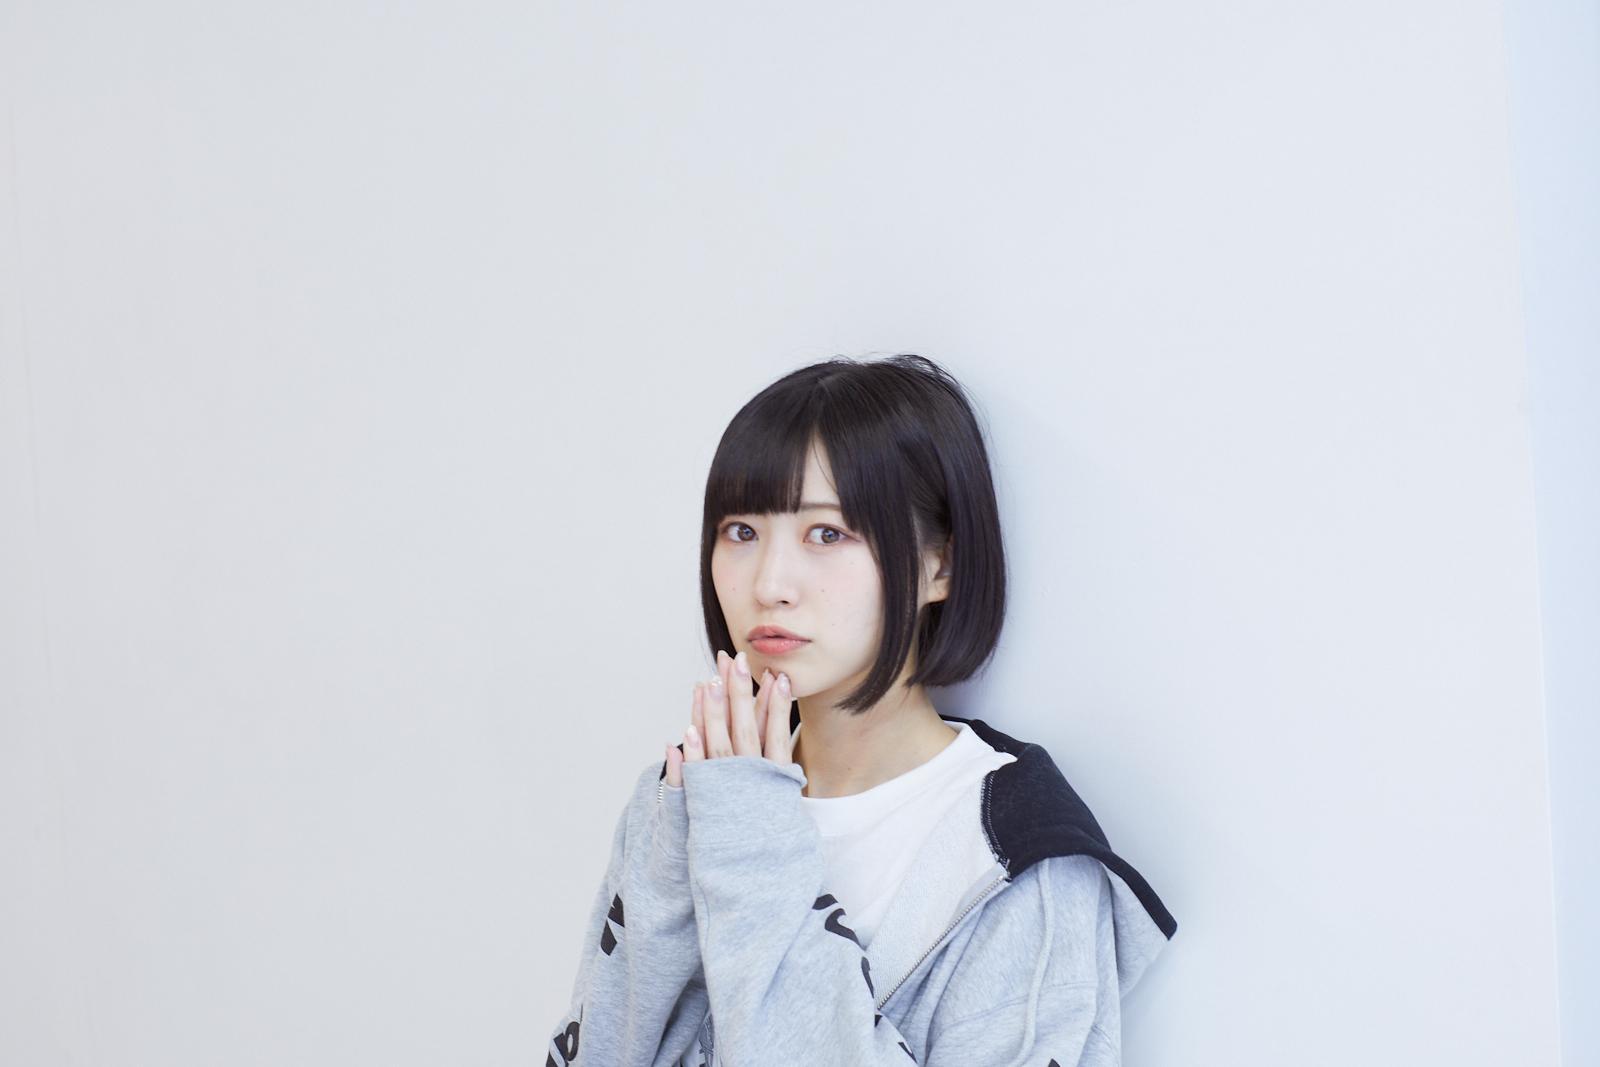 あおにゃんこと空野青空にインタビュー!5thシングル「My name is IDOL」、ここ最近の振り返り、そしてボブヘア